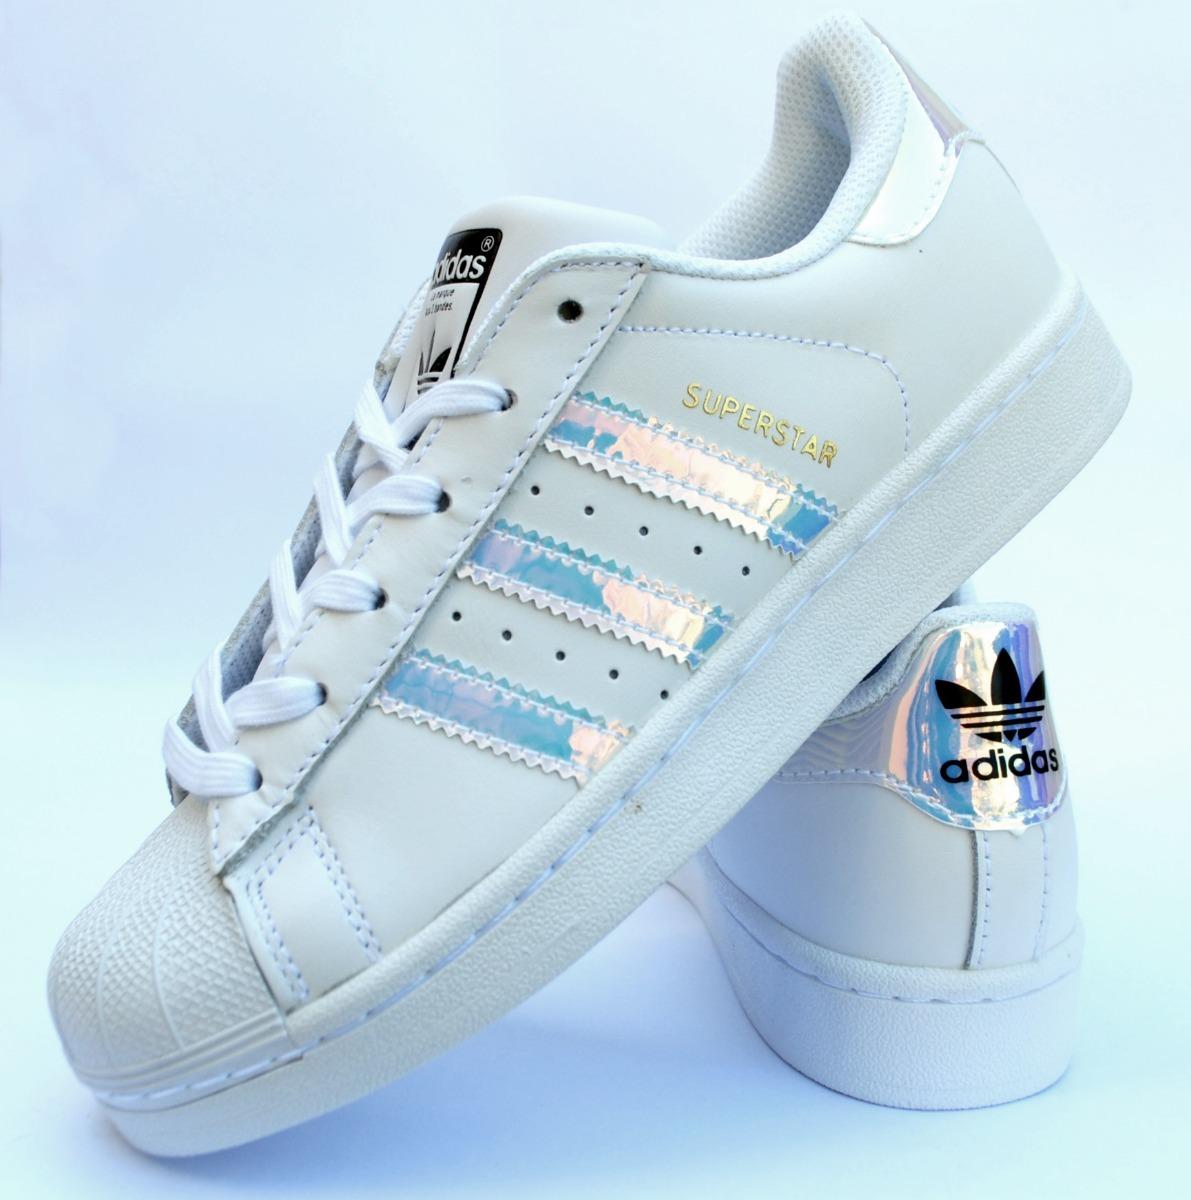 eee84e73adb Zapatillas adidas Superstar Tornasol - $ 3.499,00 en Mercado Libre